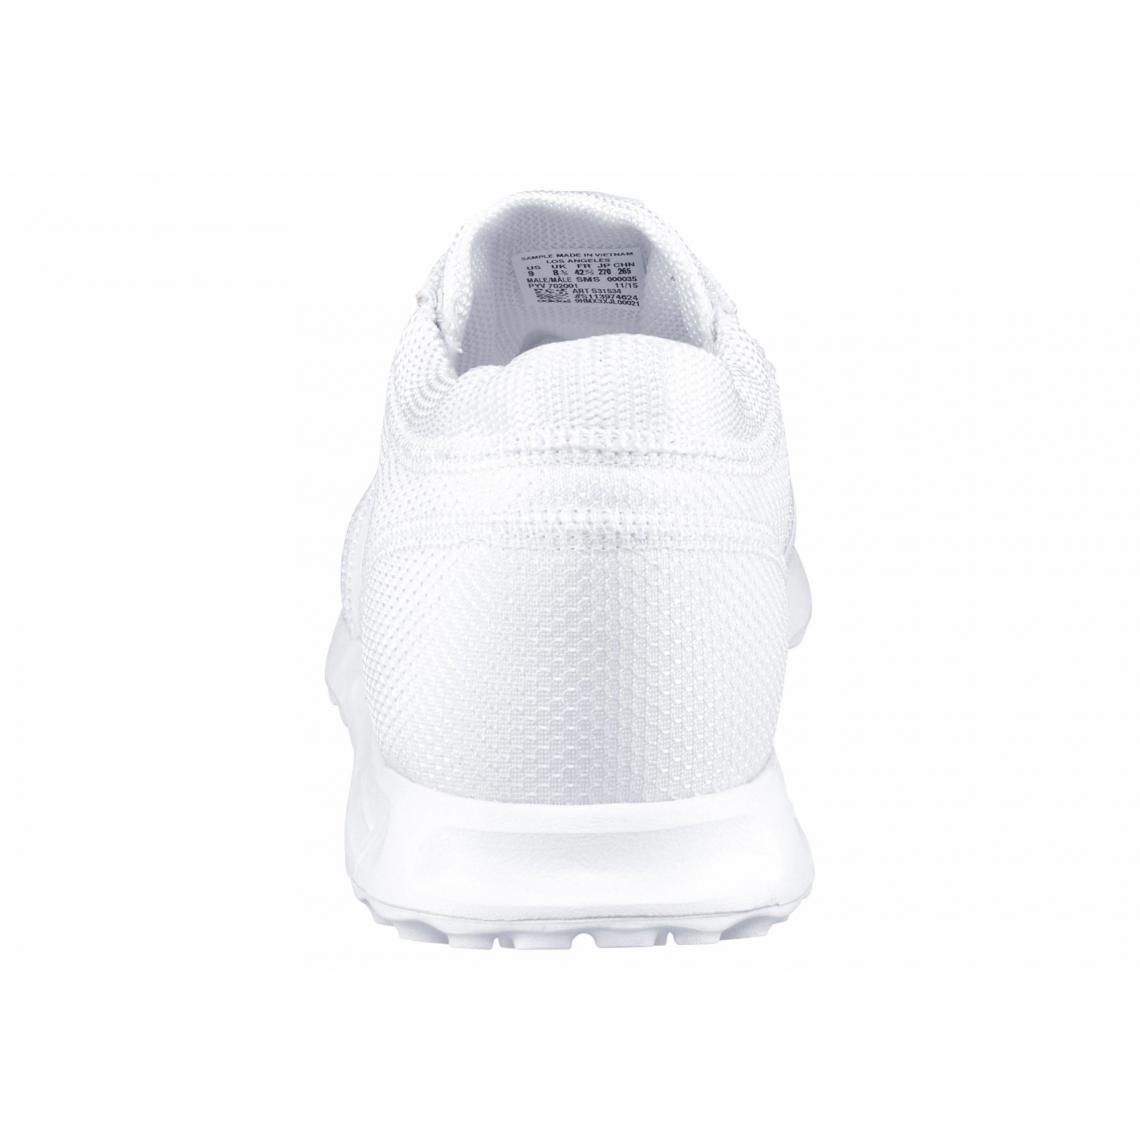 online store 8bf78 2b592 Angeles Running Los Blanc3 Adidas Homme Baskets suizos Originals fIE5qA